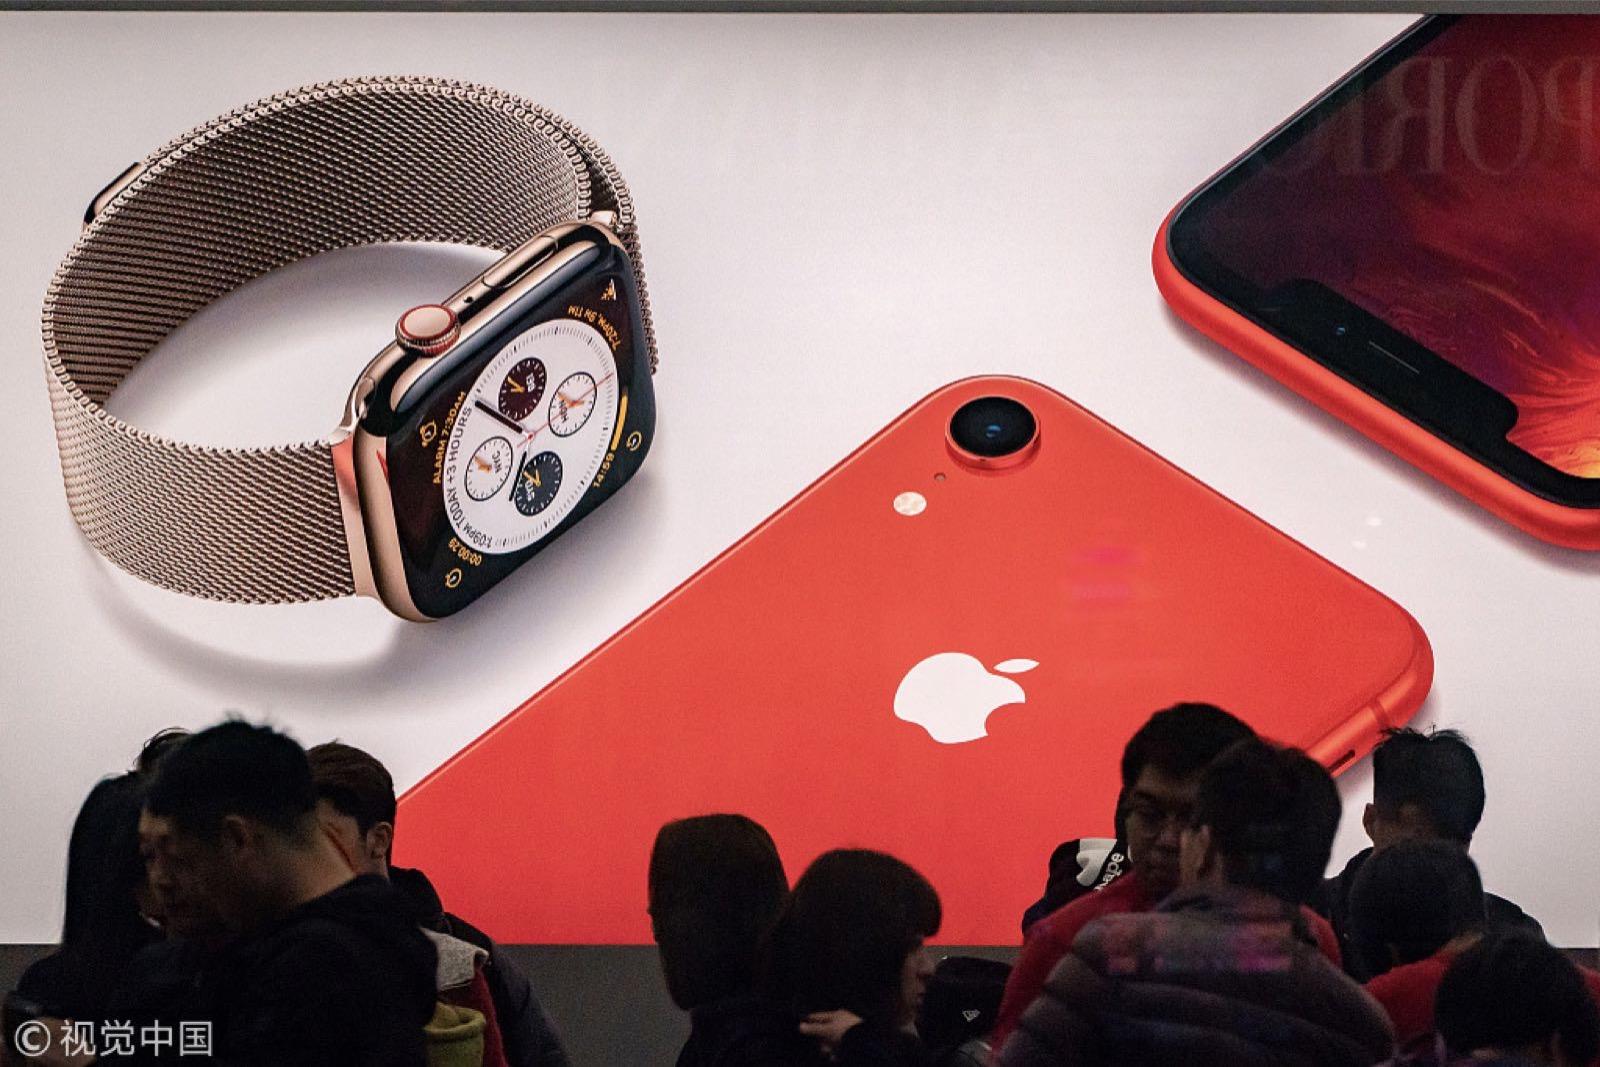 网传iPhone降价苹果无回应 黄牛称部分产品降400